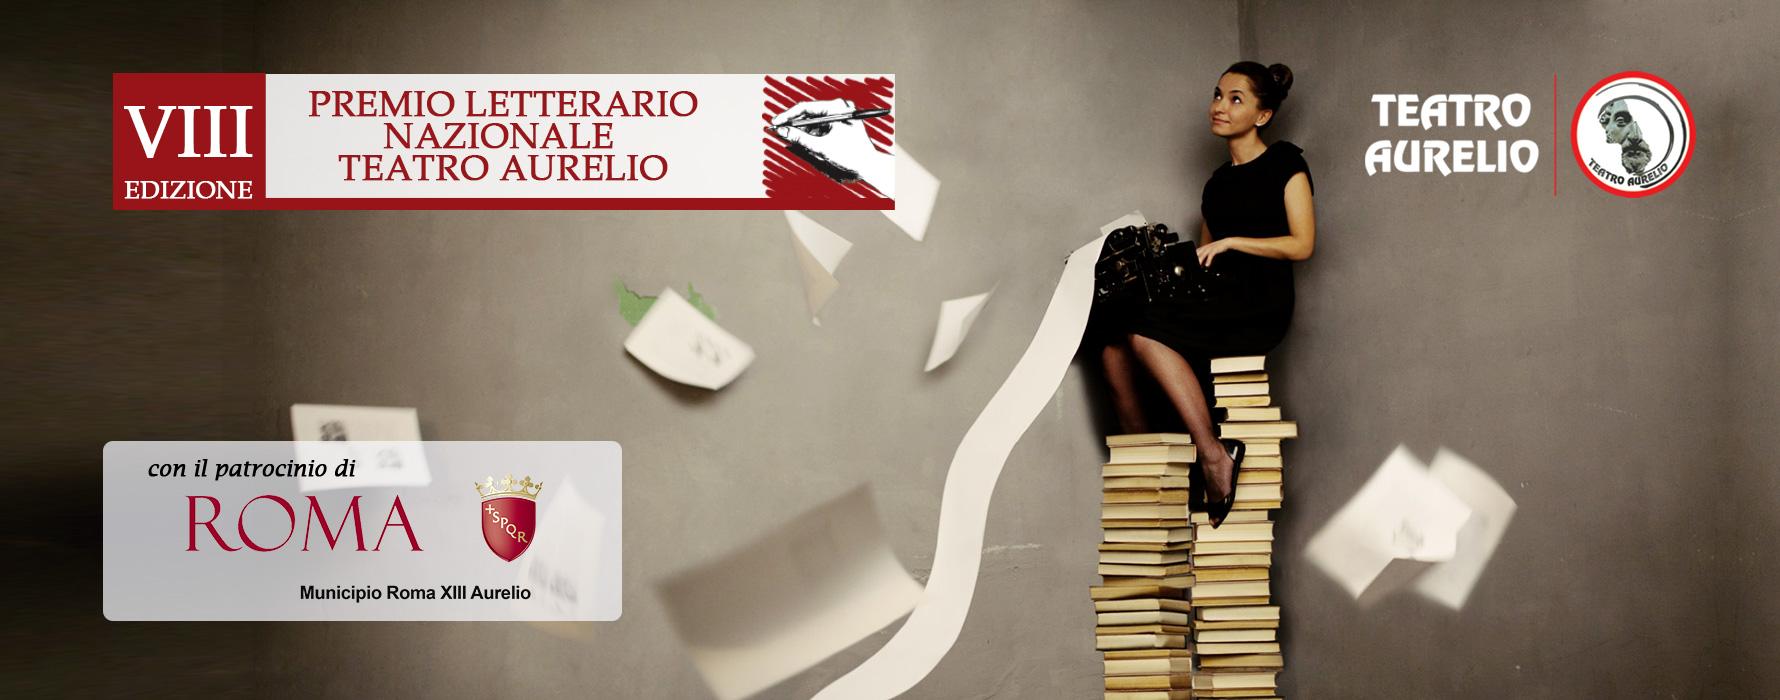 VIII edizione del premio letterario nazionale del Teatro Aurelio